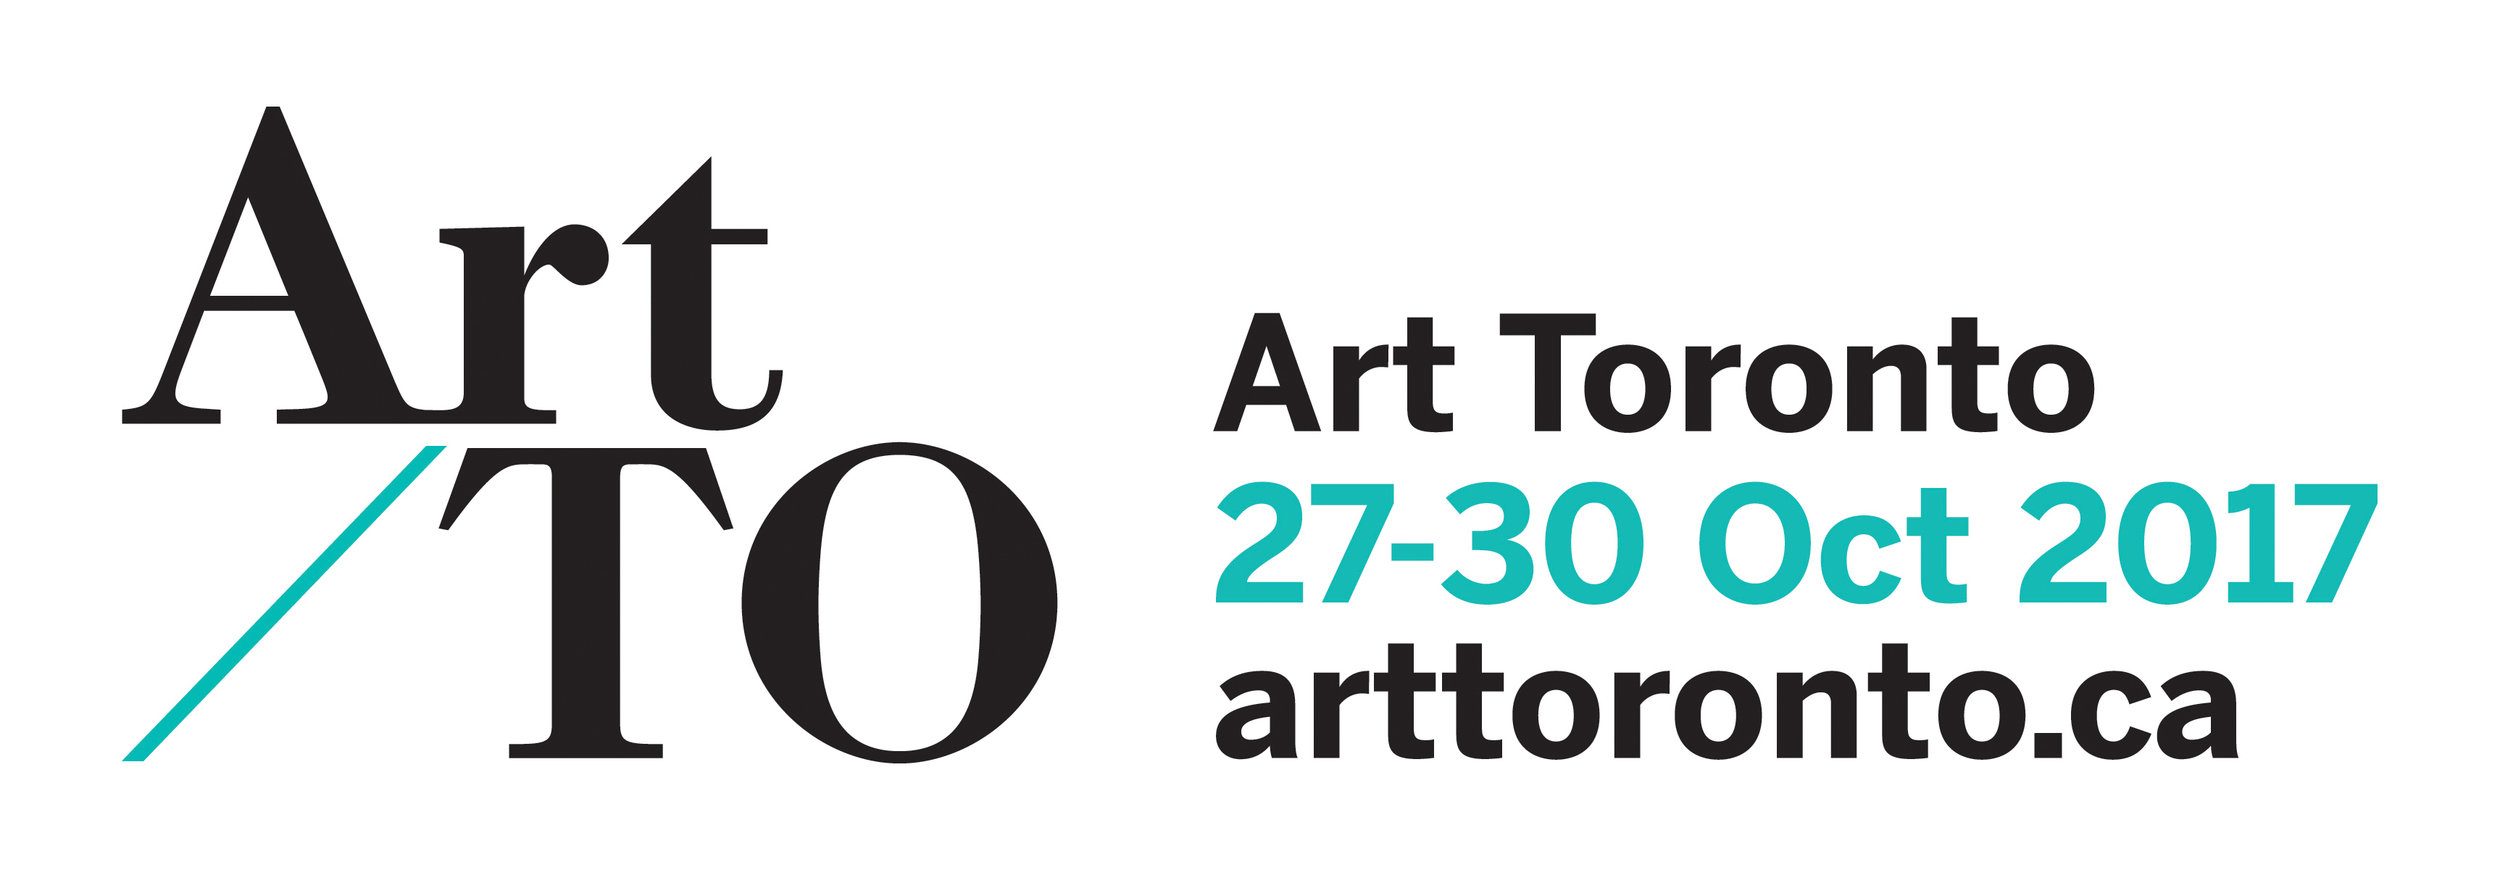 artto2017logo-1.jpg